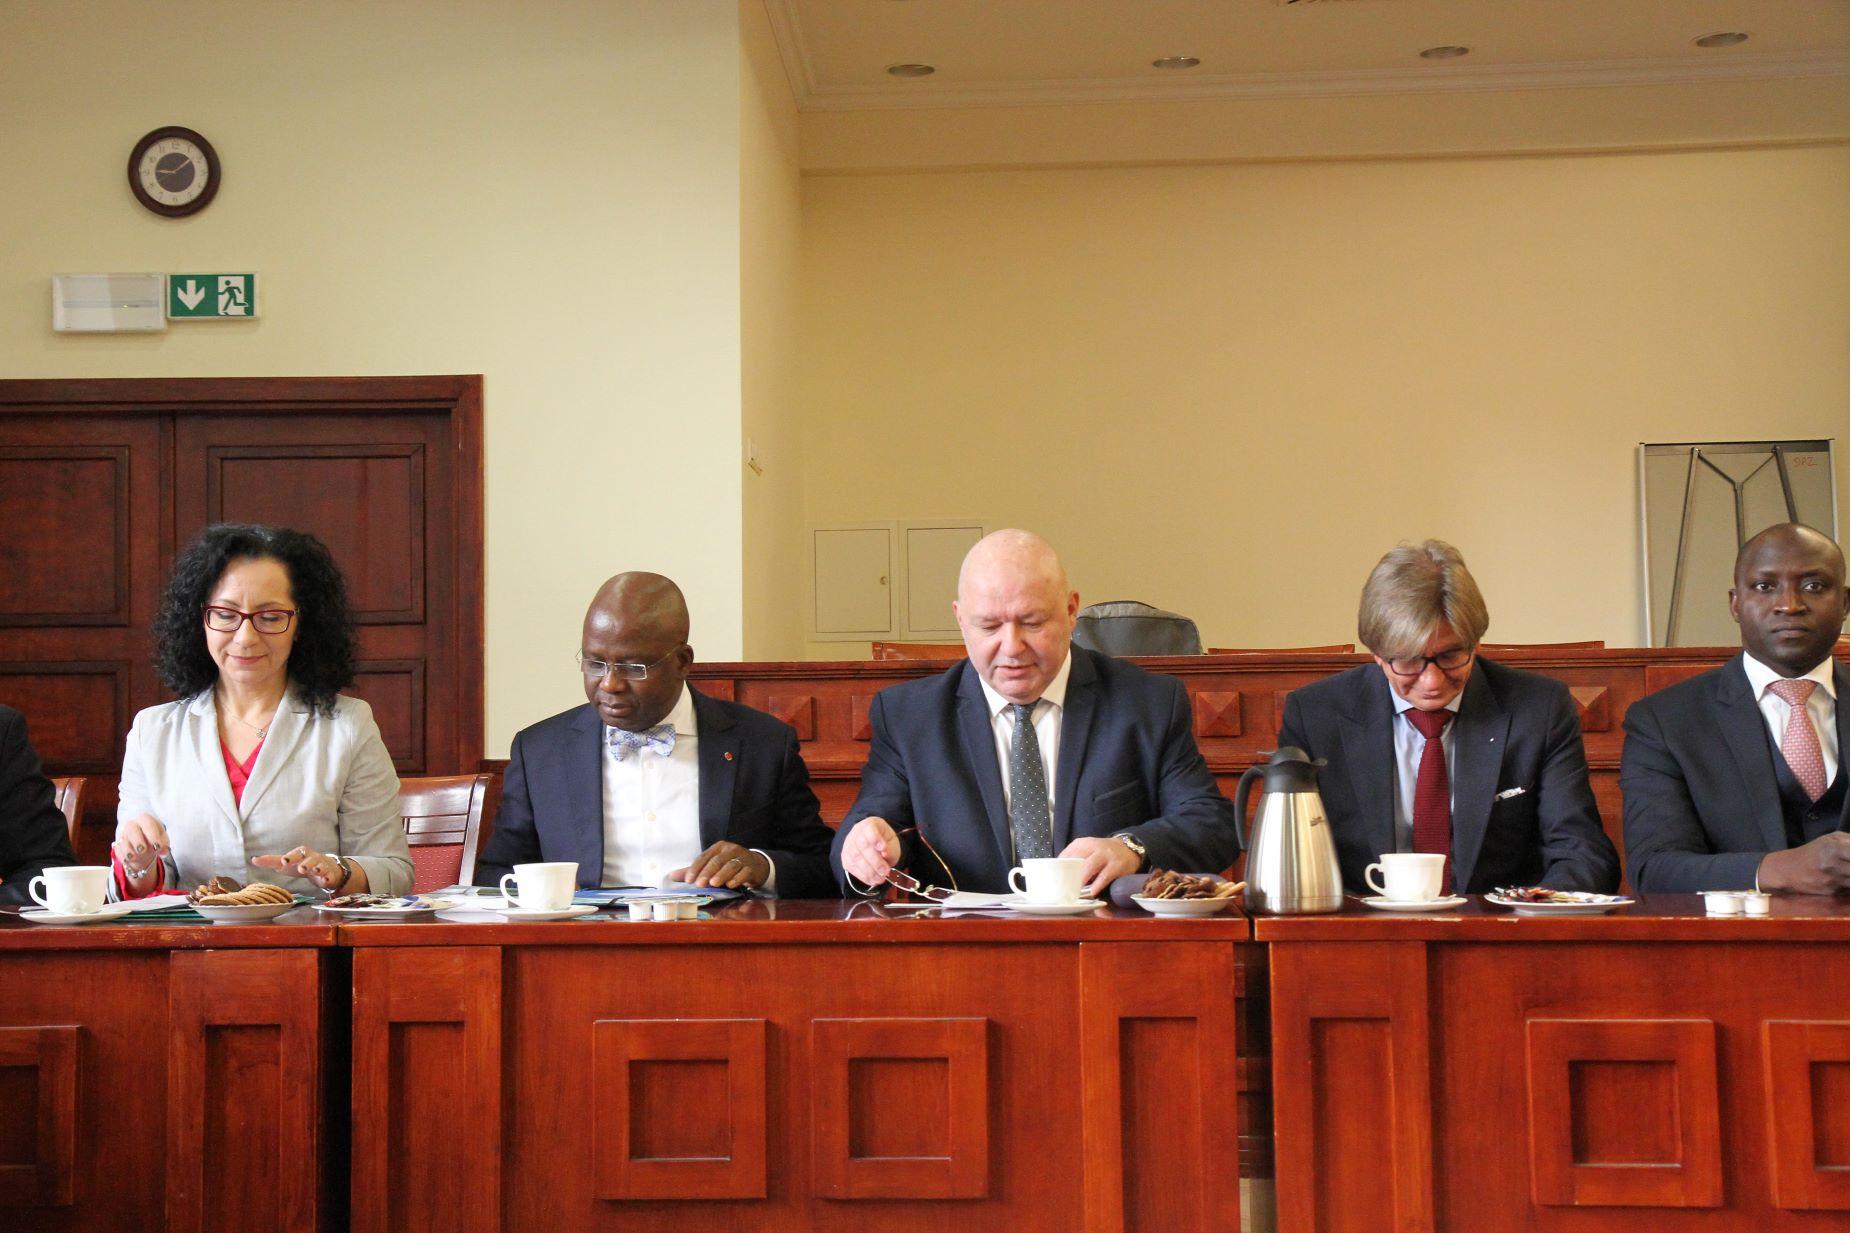 PIerwsza taka wizyta. Delegacja z Wybrzeża Kości Słoniowej odwiedziła Pomorze